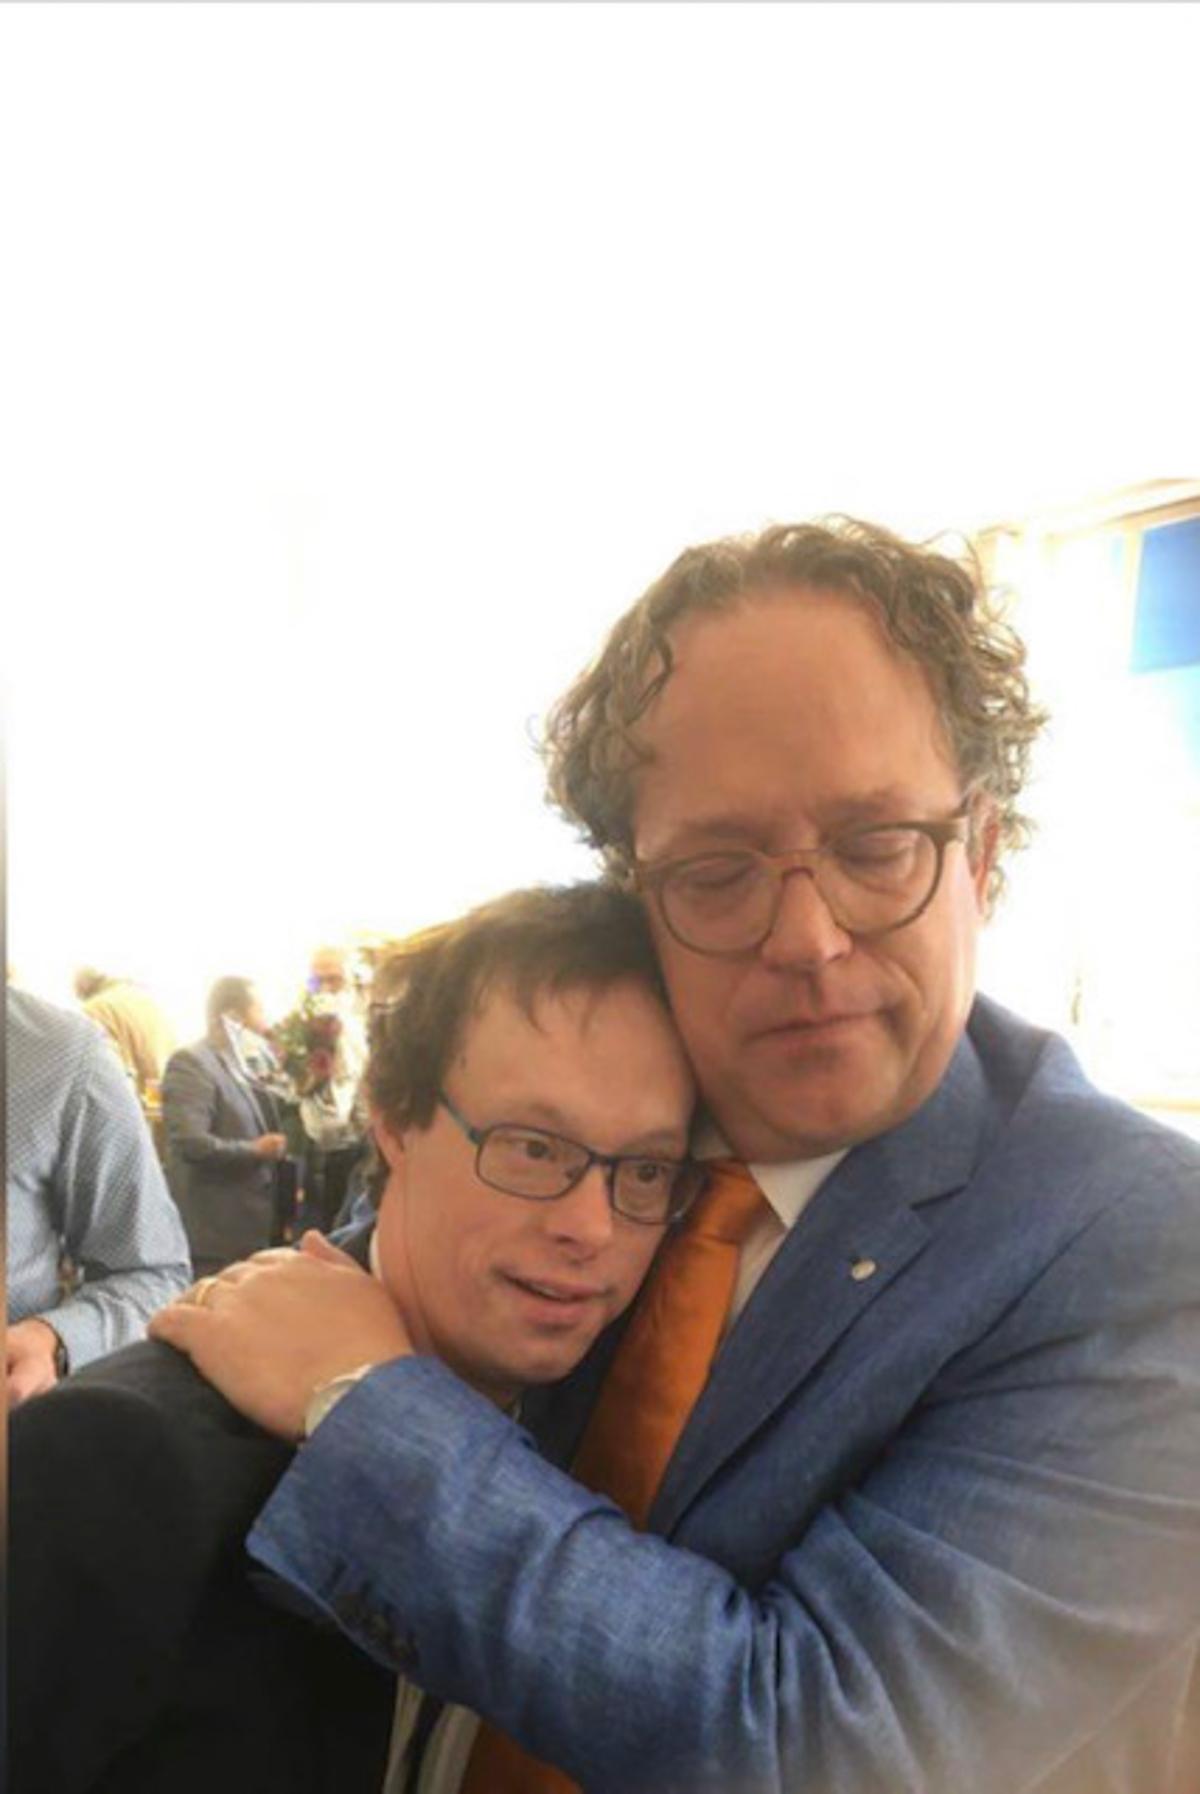 Maarten Wessels met Derk 1